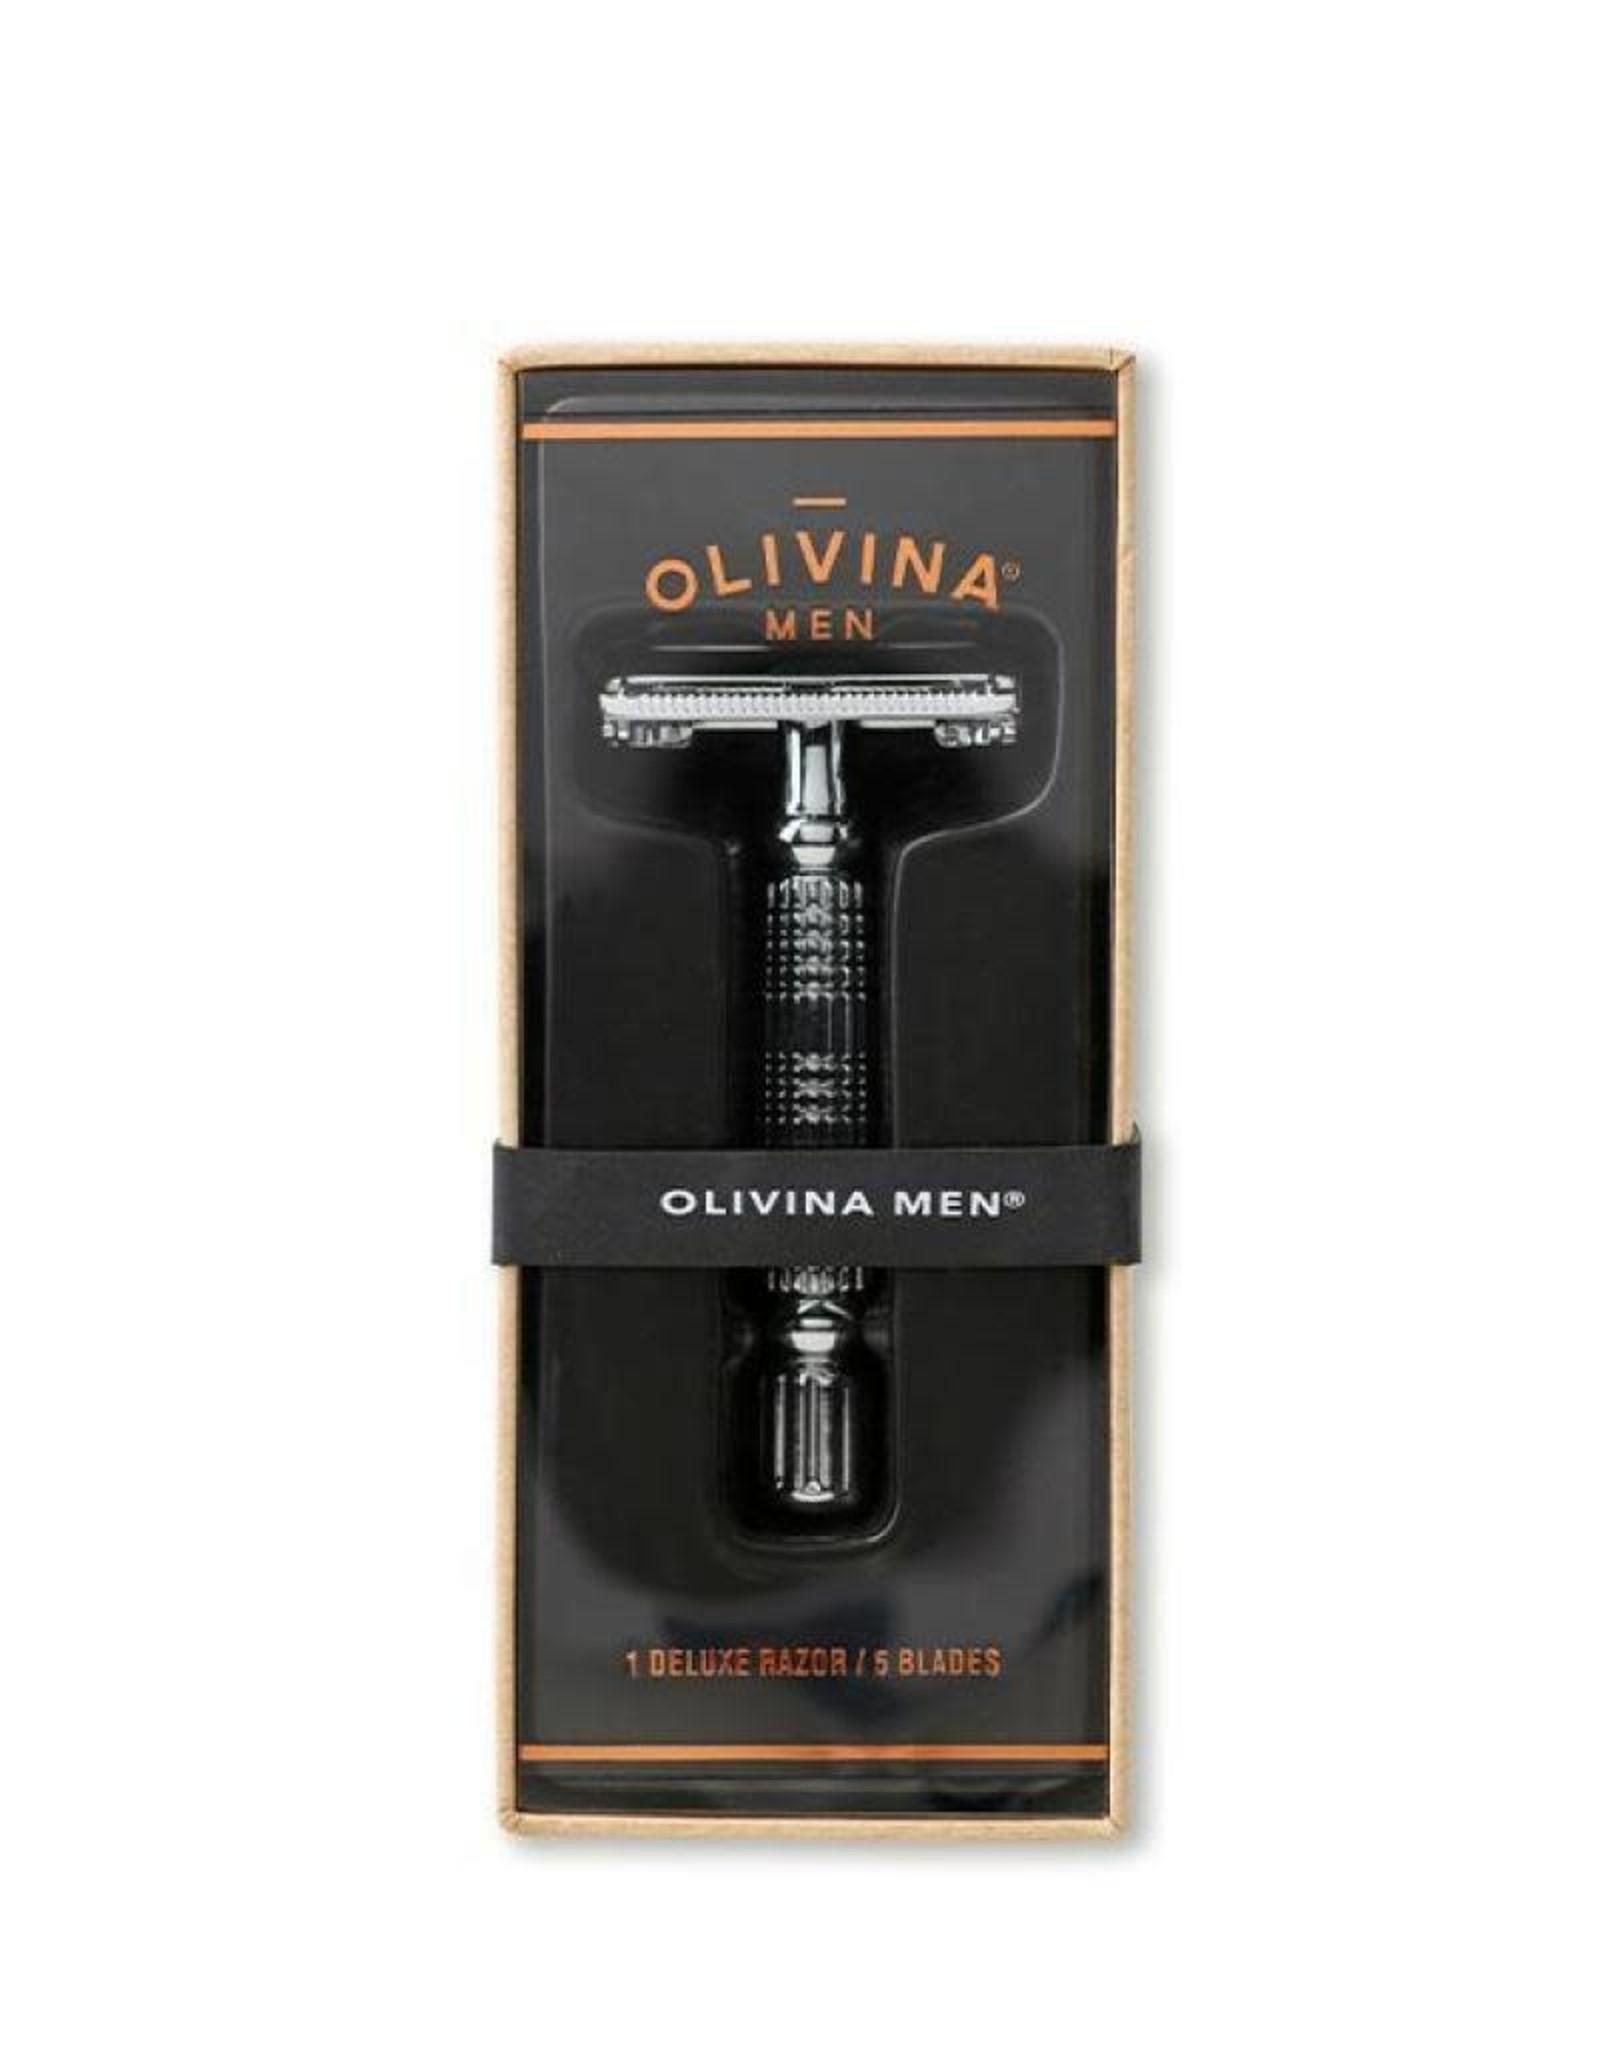 Olivina Men Safety Razor & Blades